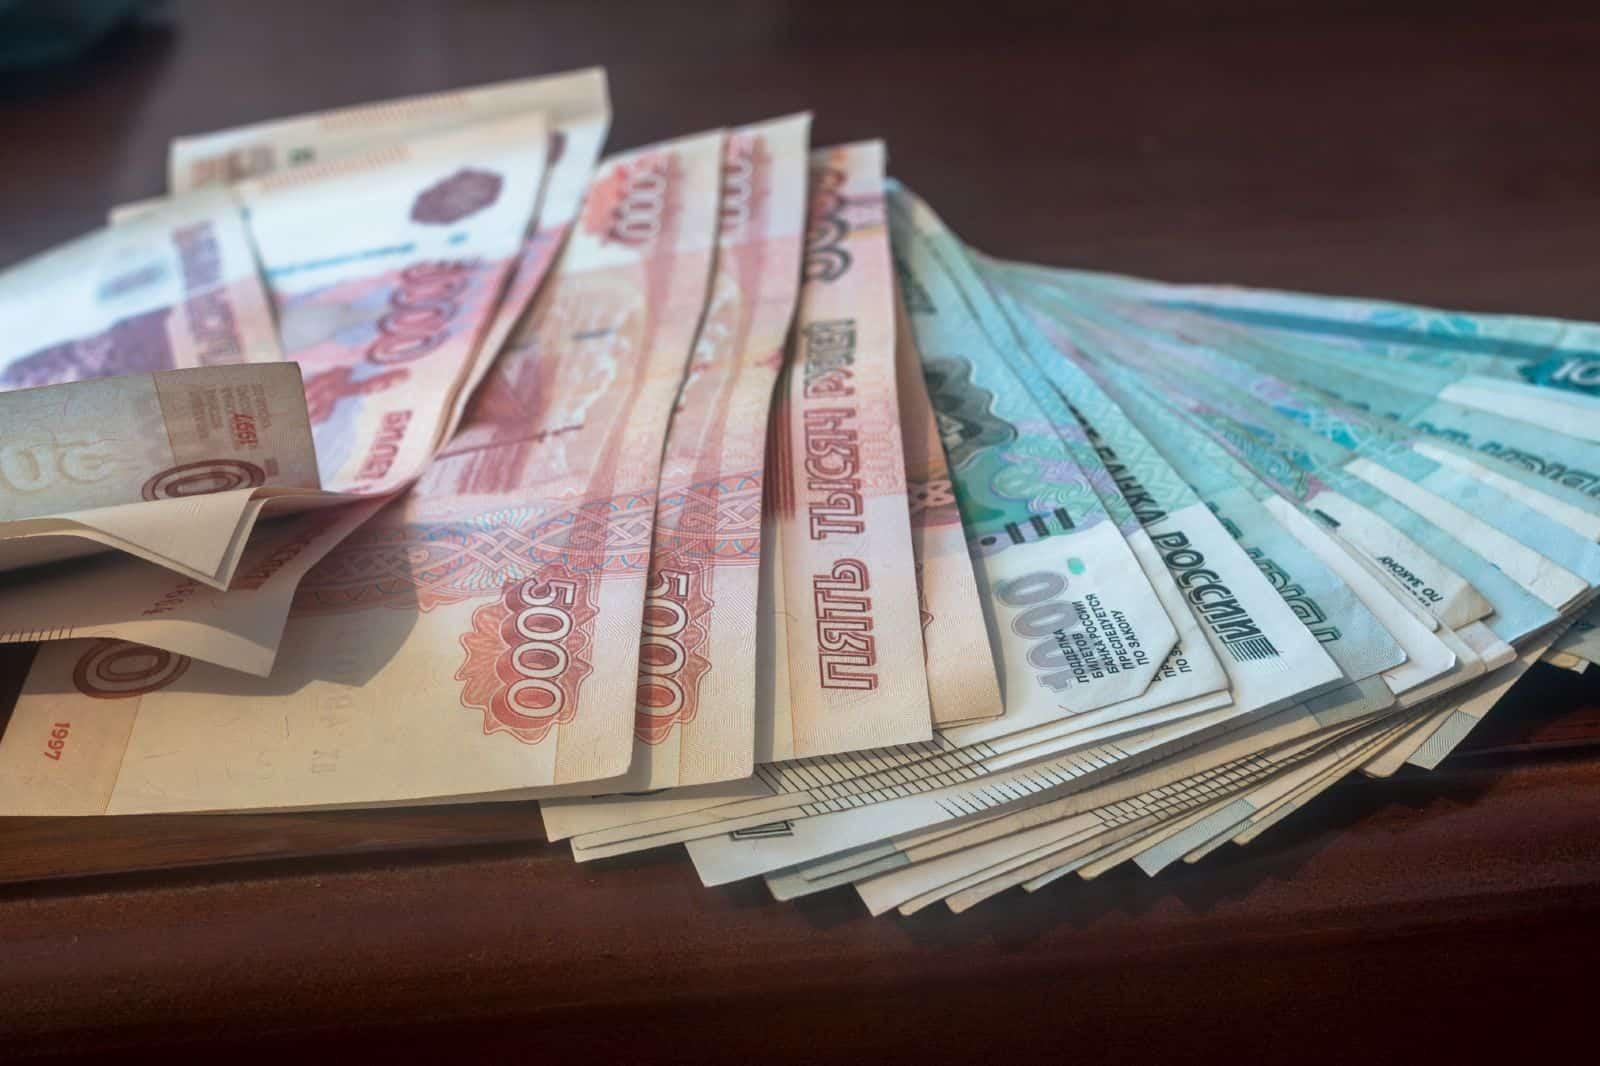 zajmy-do-100000-rublej-na-kartu_5